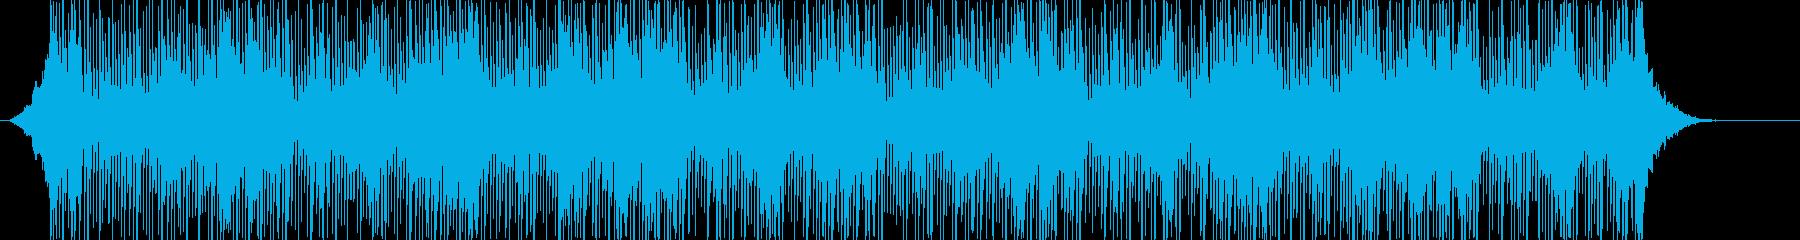 シリアスでダークなアンビエント系の曲の再生済みの波形